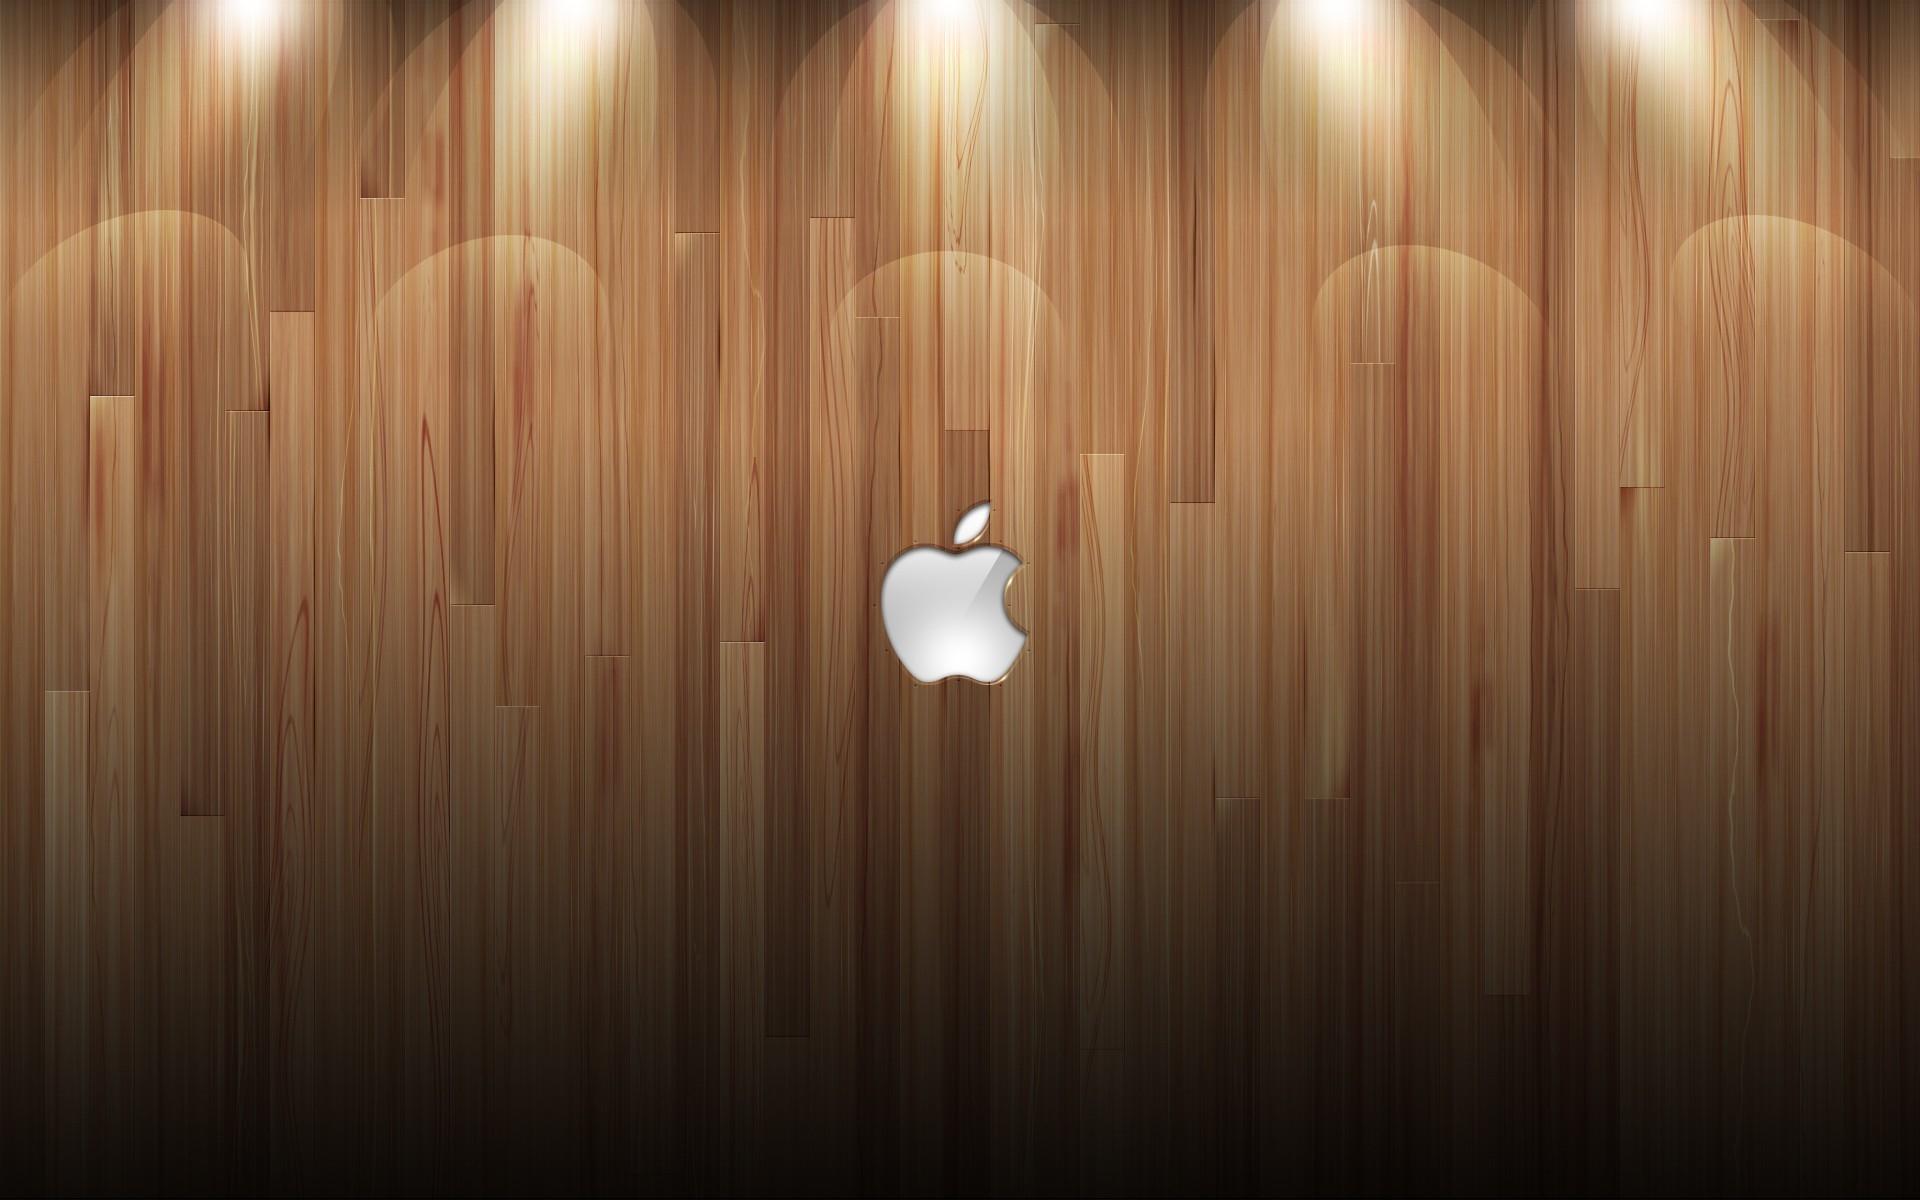 Great Wallpaper Macbook Light - apple-mac-brand-logo-wood-surface-texture-685763  HD_52050.jpg